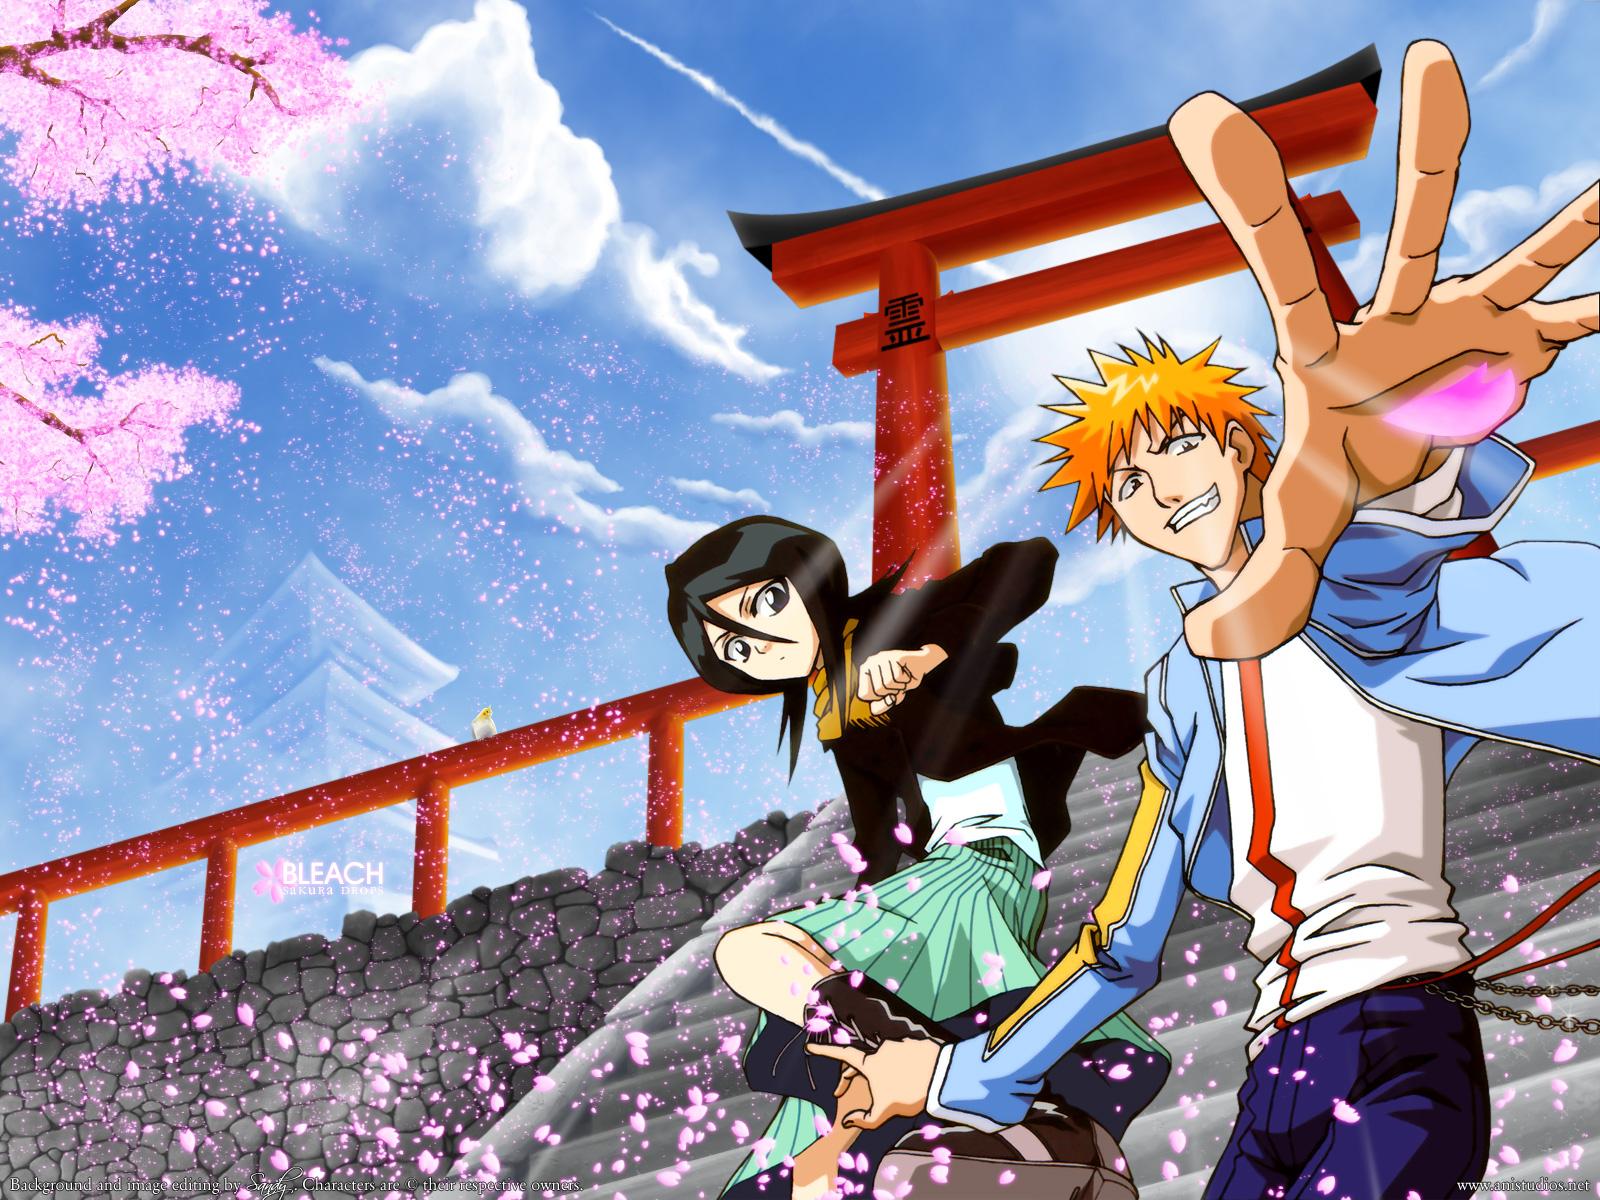 bleach anime wallpaper for iphone hd background anime photo bleach hd 1600x1200